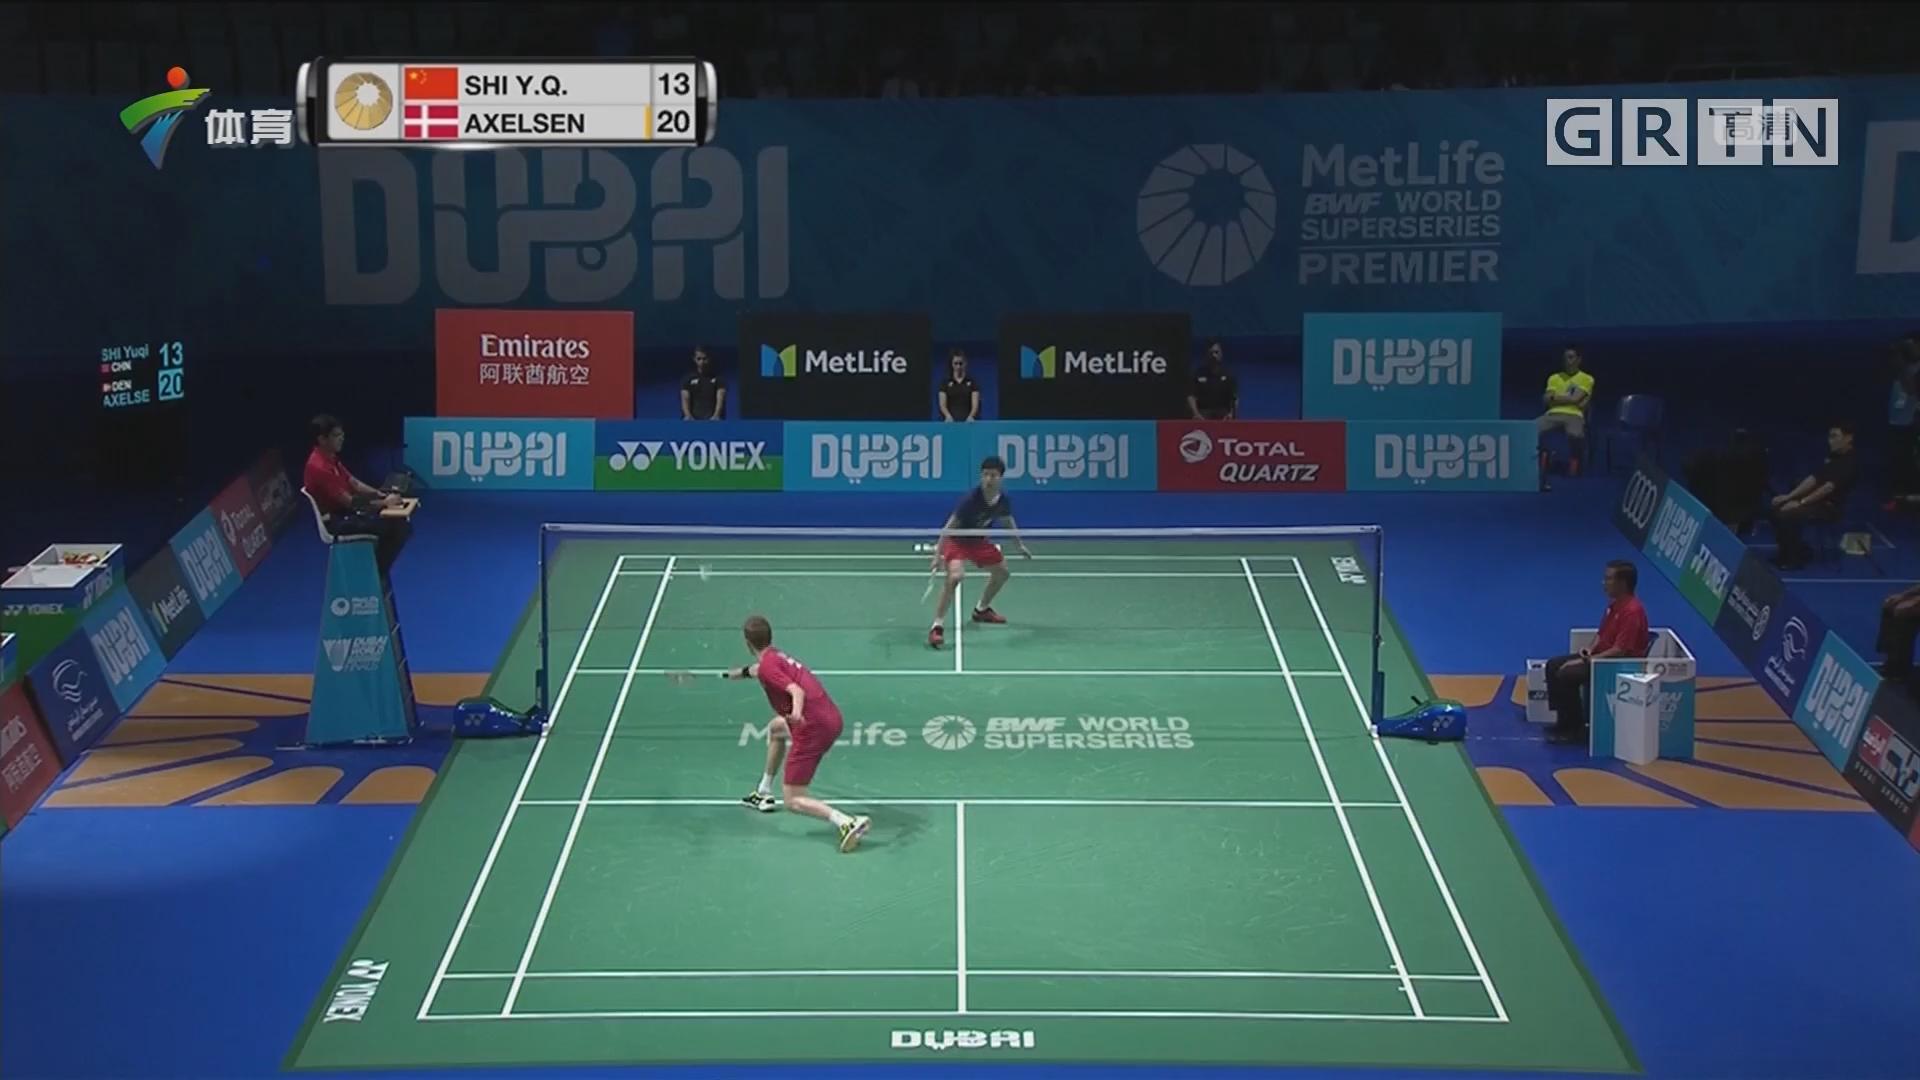 2017世界羽联超级系列赛赛事在迪拜进行中